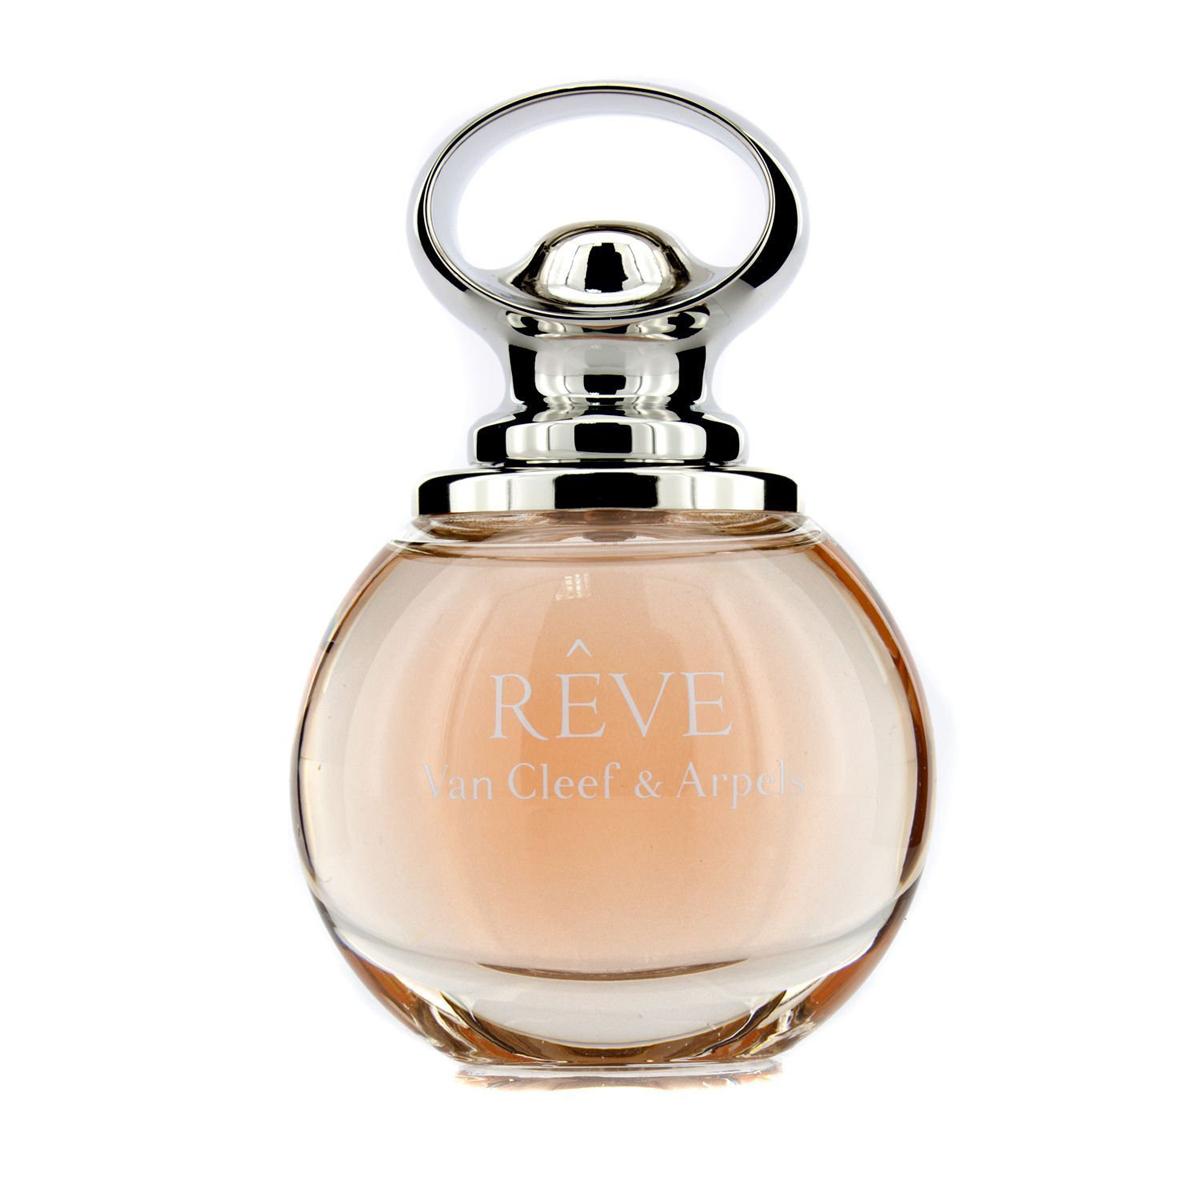 Van Cleef Reve Парфюмерная вода женская спрей 50 млVCA013A02Van Cleef & Arpels Reve появился в мае 2013 года, когда восхитительные ноты красоты и сладости распускаются подобно дивным цветам наслаждения и молодости. Белоснежные цветы и фрукты придают парфюму дивное, почти восточное звучание. Парфюм символизирует мир мечтаний и красоты, а потому привлекает внимание сложностью и многогранностью структуры. Завораживающий букет собран тремя талантливыми парфюмерами, способными передать женскую соблазнительность посредством фруктово-цветочных мотивов. Пикантность груши и нероли распахивает объятия в начальных нотах душистого облака, которое постепенно перемещается в сторону завораживающего благоухания пиона, лилии и османтуса в сердце композиции. Мощный утонченный аккорд сладостно-медового коктейля Van Cleef & Arpels Reve превращается в изысканный десерт, который достойно украшает кожу обладательниц. Согревающие аккорды мускуса, сандала и амбры подчеркивают красоту букета, передают энергетику дивного шарма и очарования. Женщина в ореоле этого...